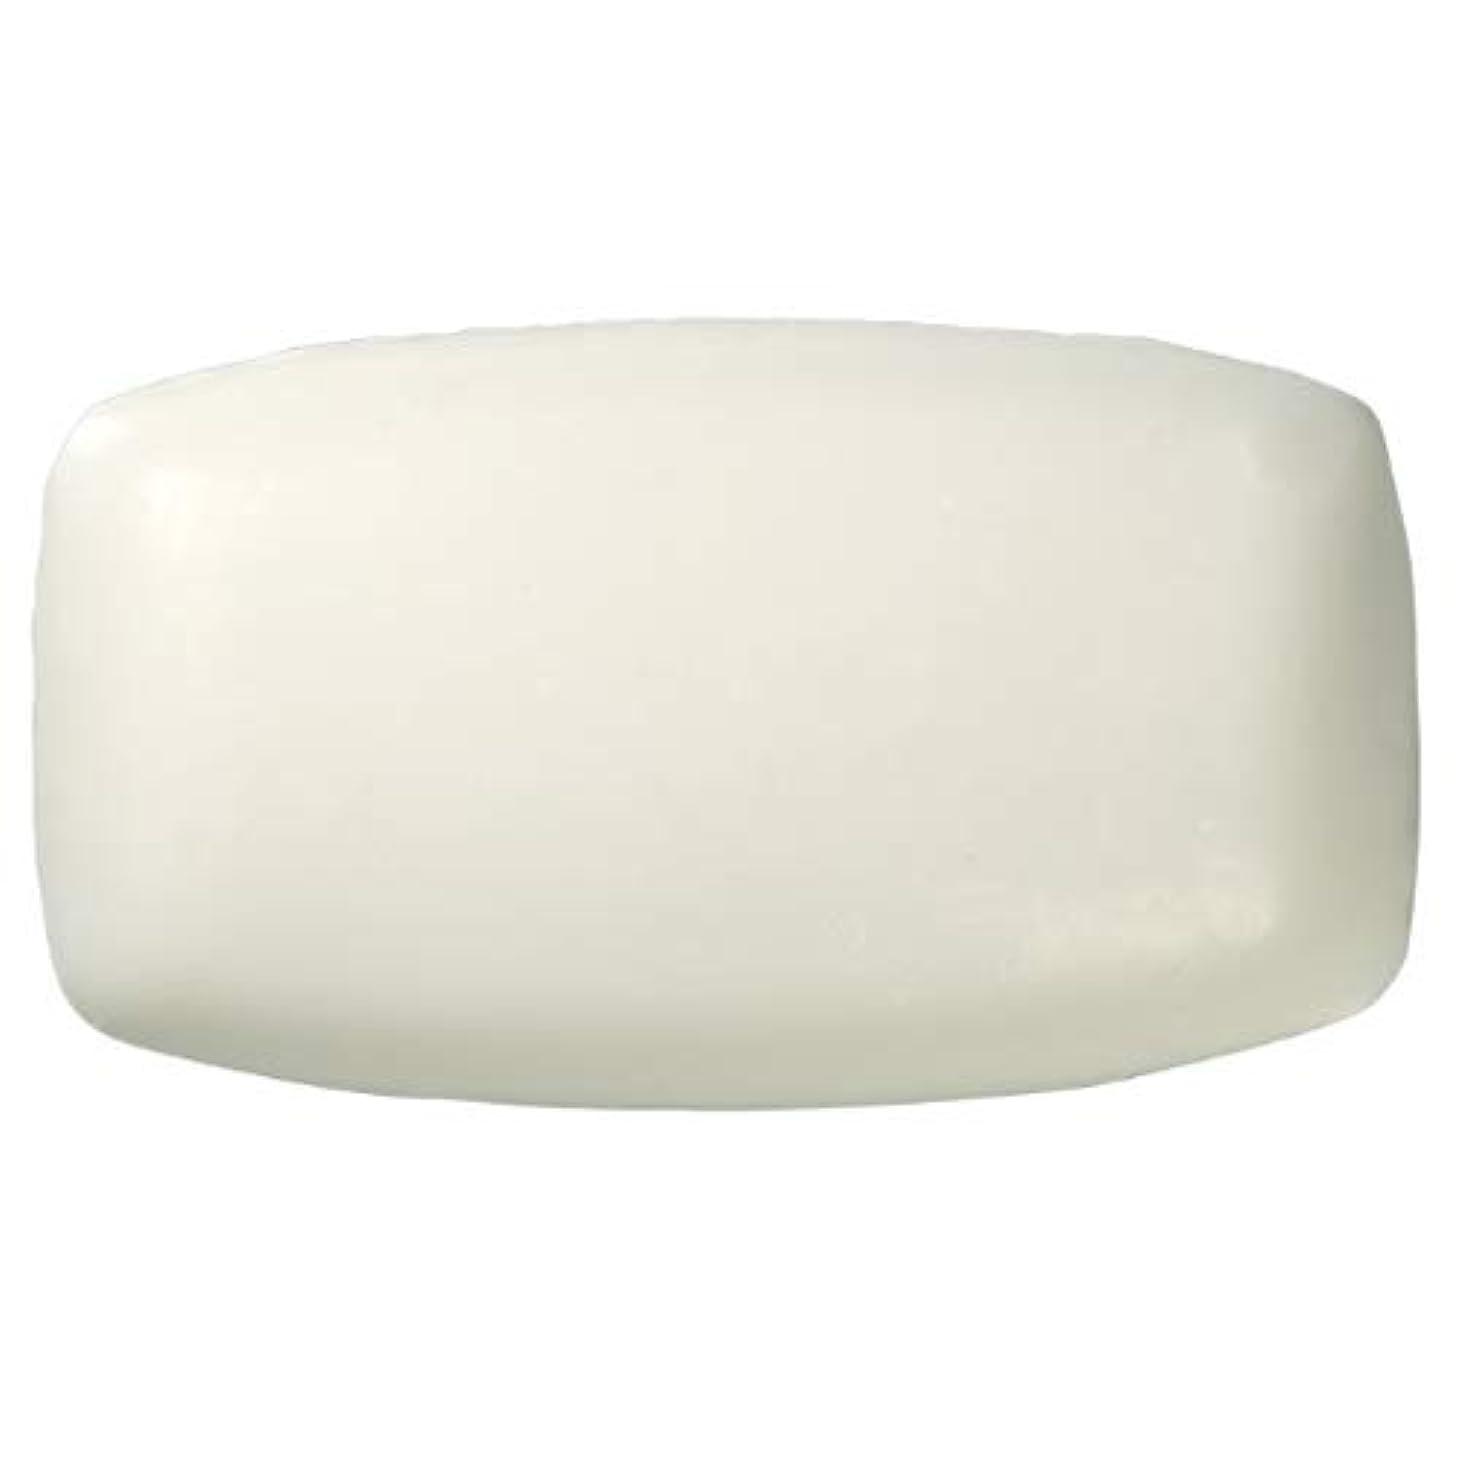 トラフネーピア十分ですフィードソープ(FFID SOAP) 白袋(OP袋) 120g ×30個 | ホテルアメニティ 個包装